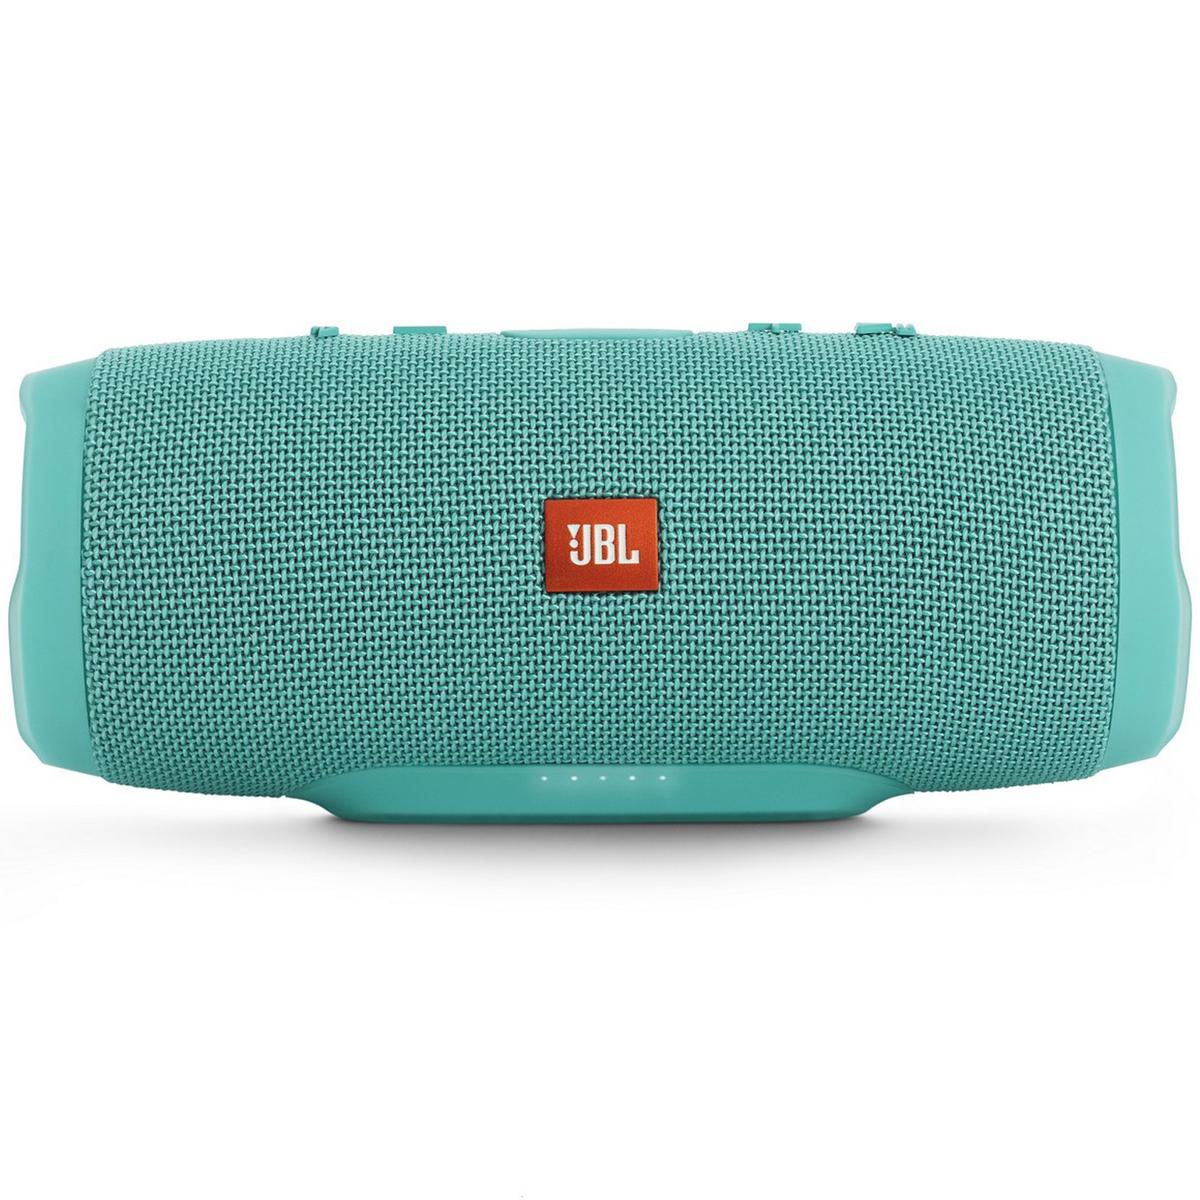 Buy JBL Charge 3 Bluetooth Speaker Teal - Wireless Speakers